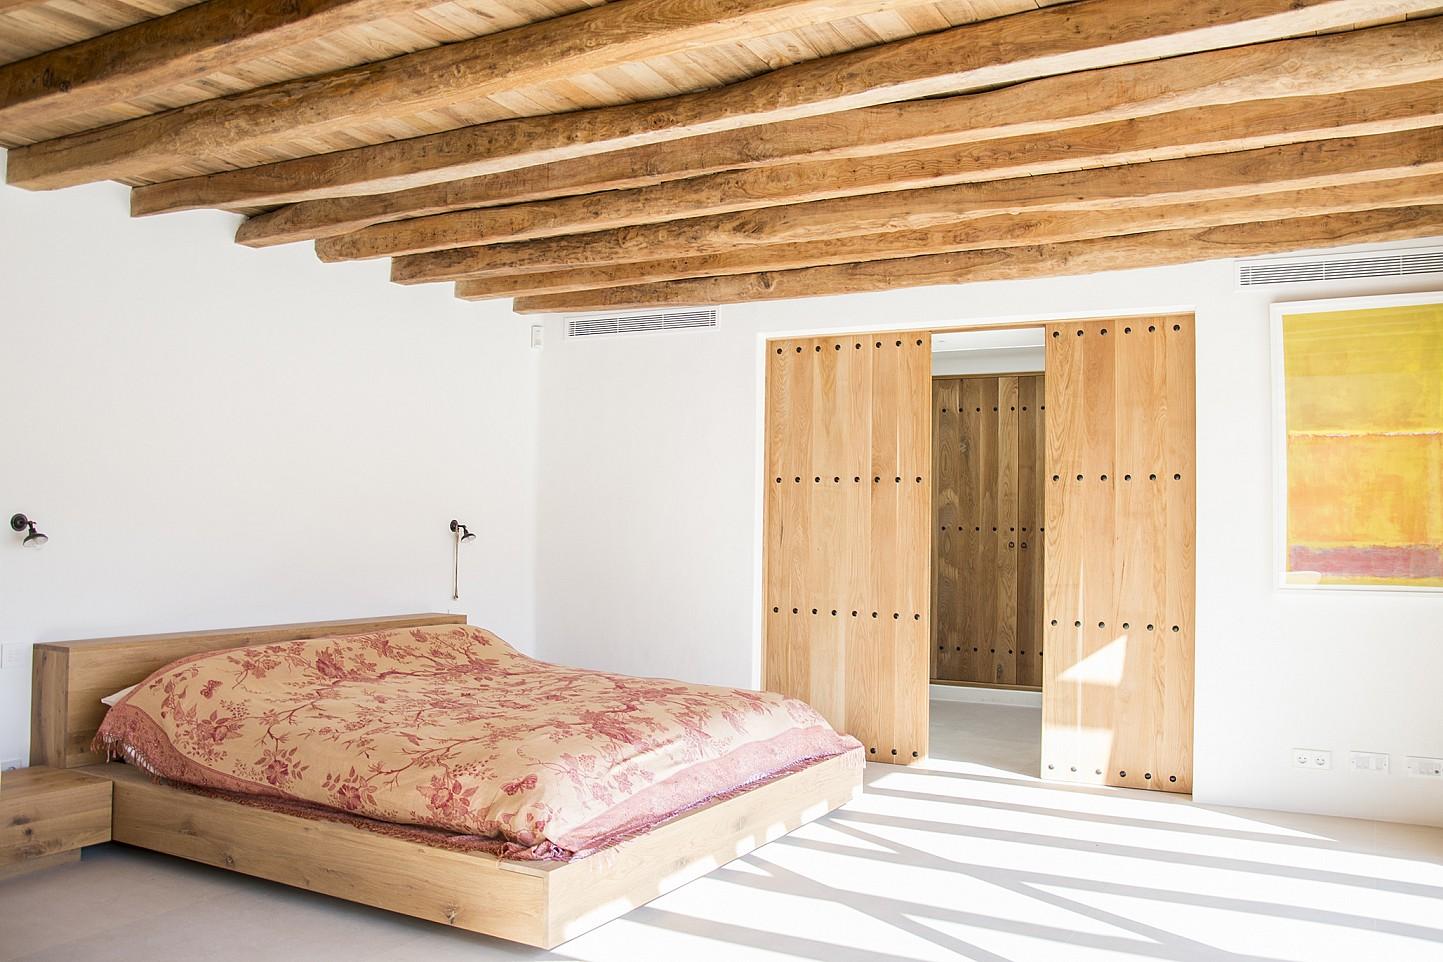 Dormitori 3 ampli i lluminós